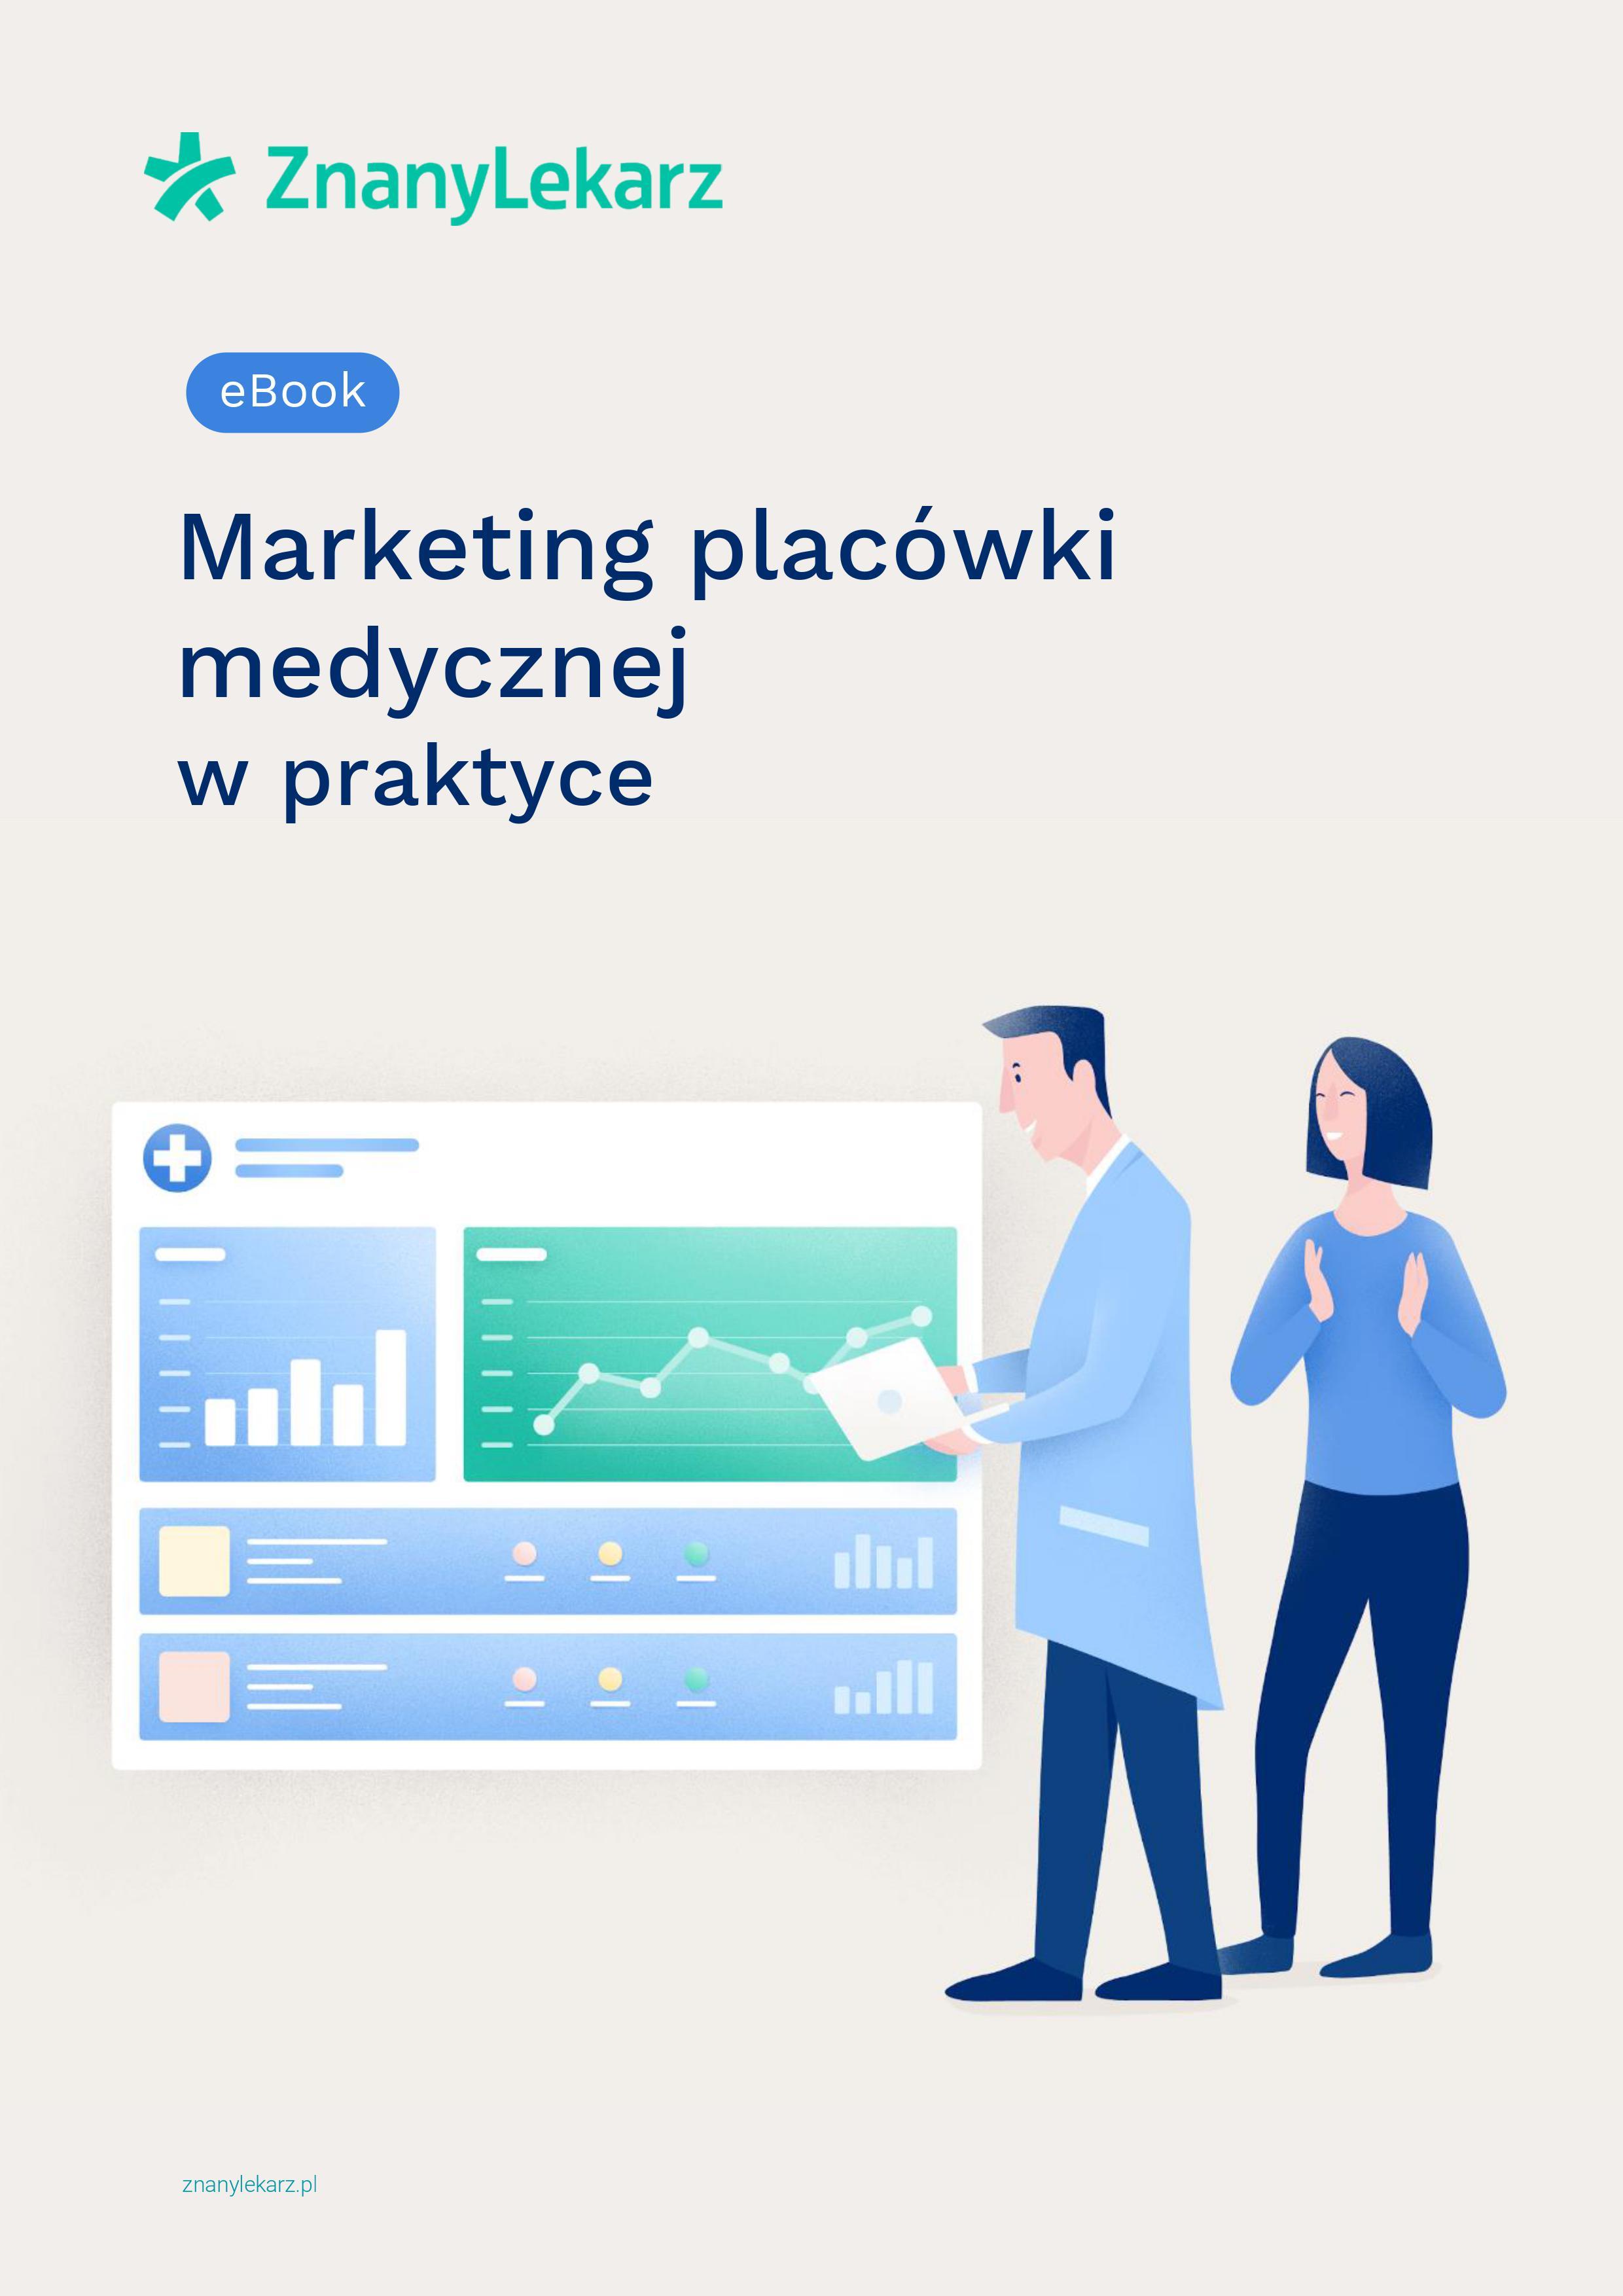 Ebook - Marketing placówki medycznej w praktyce